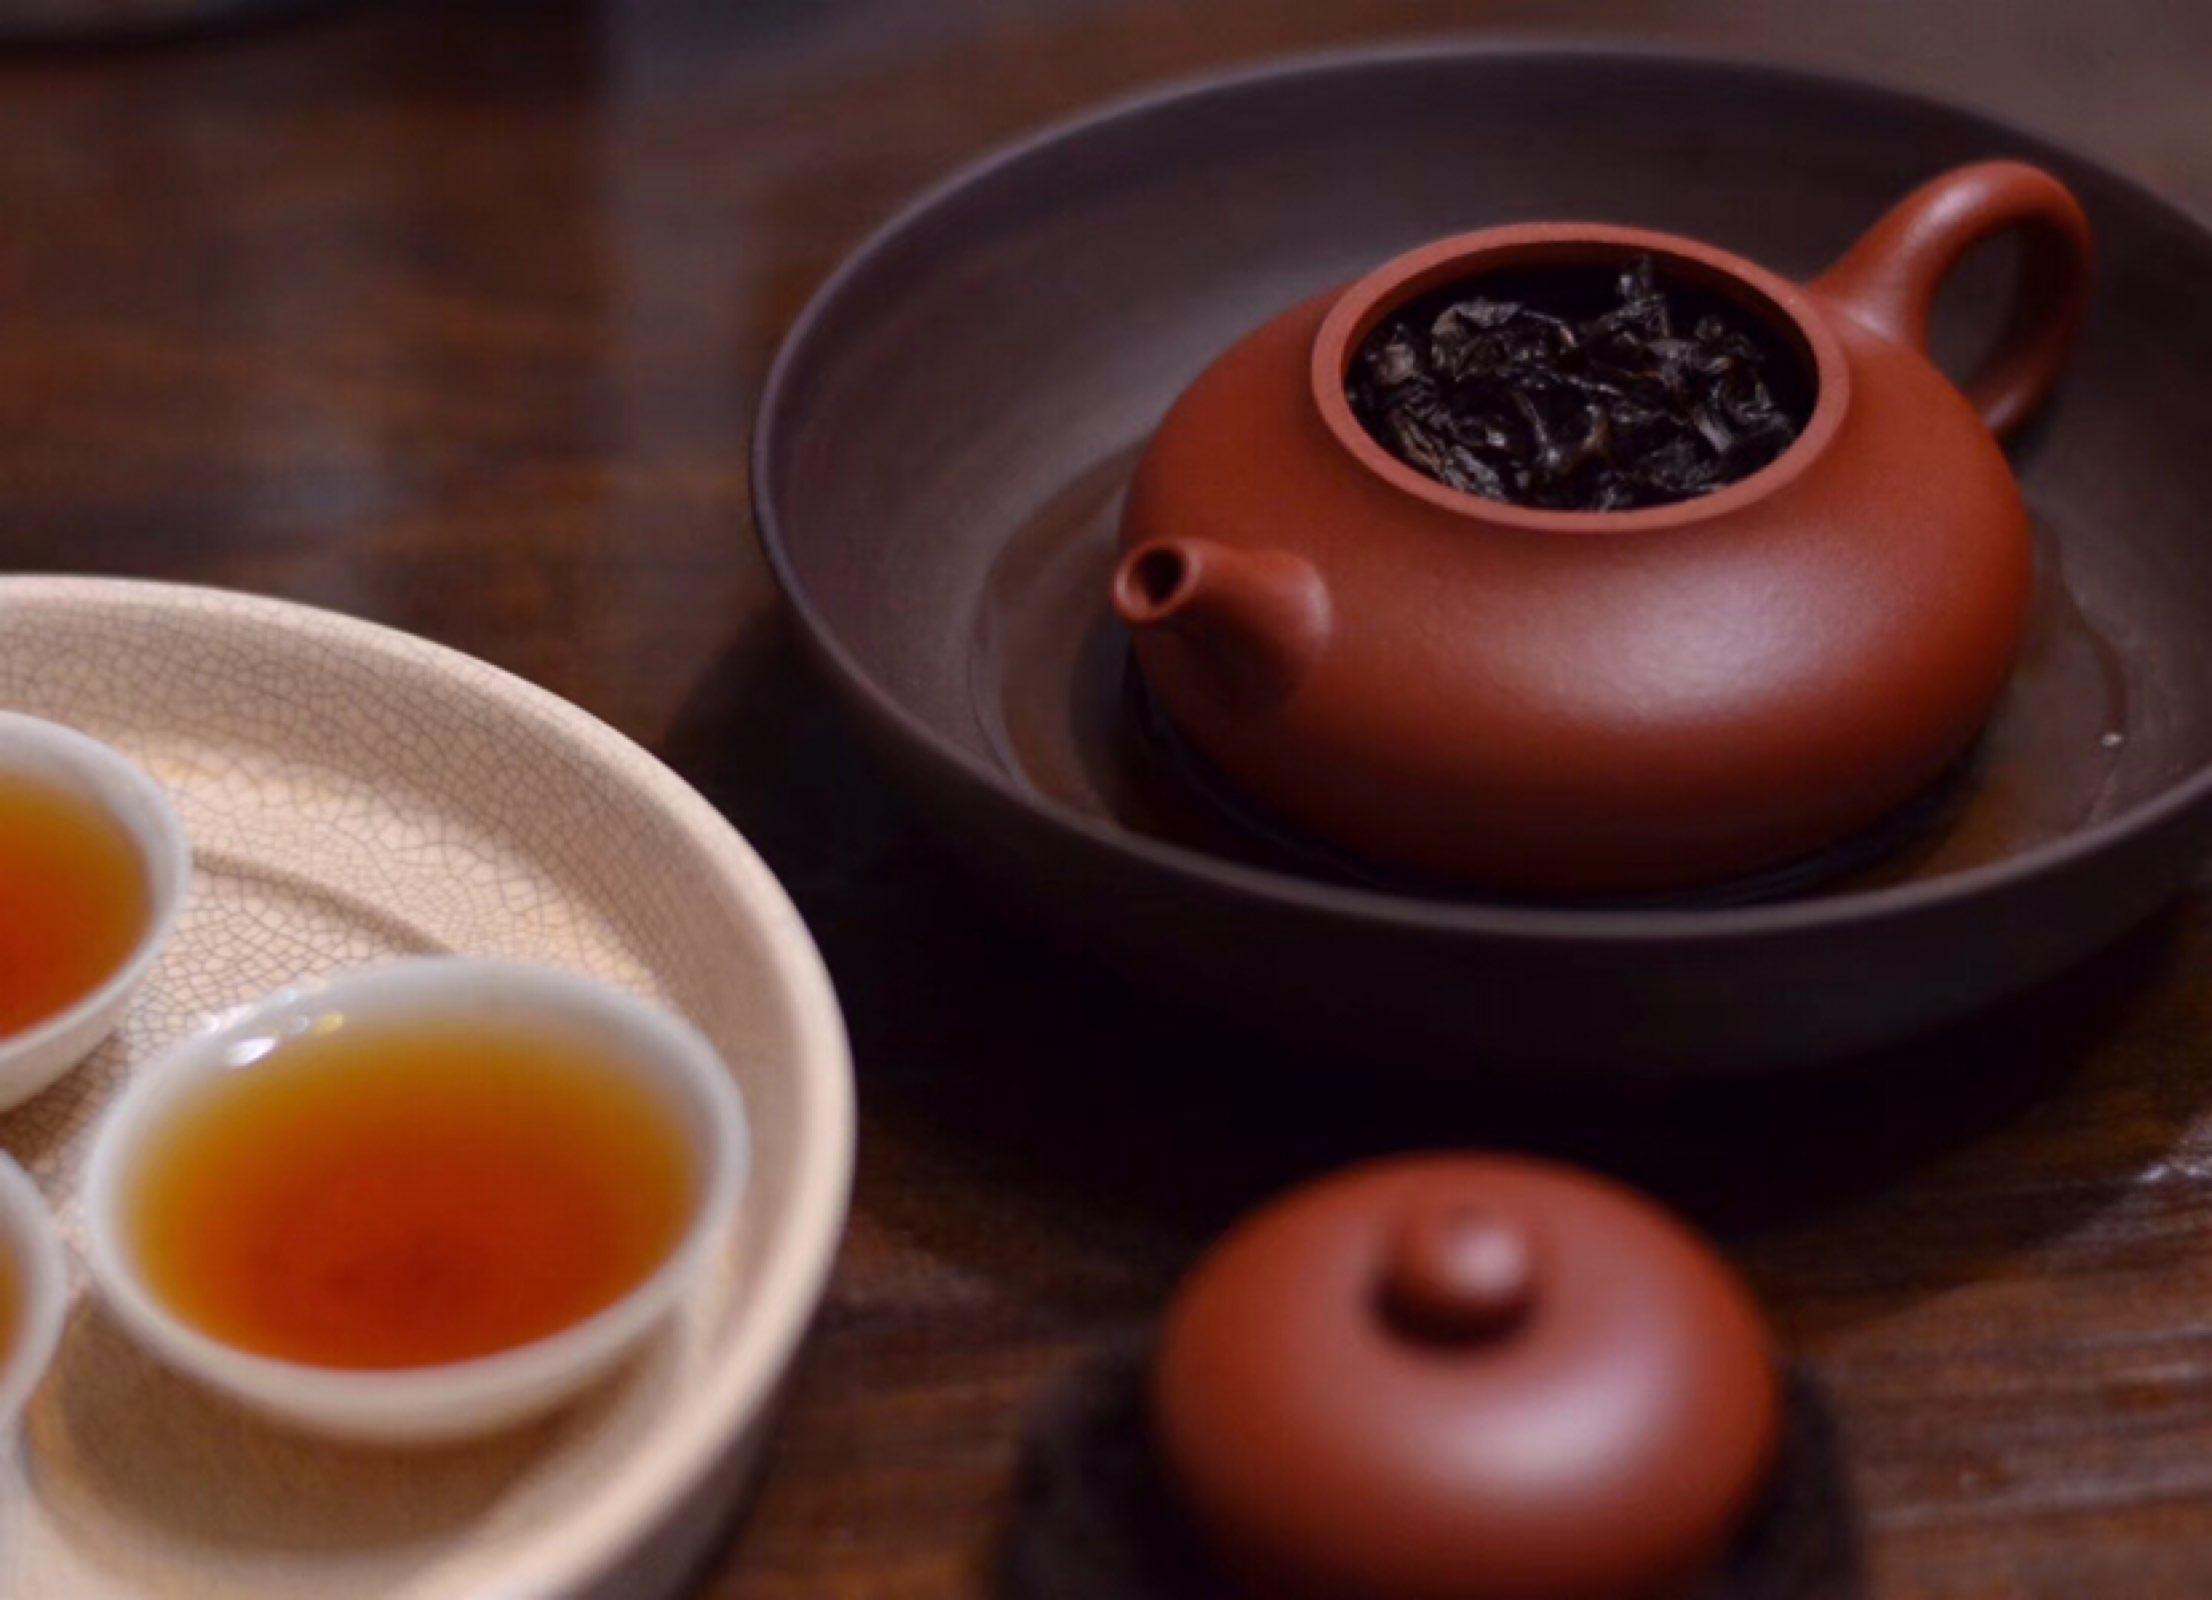 【冝園】朱泥壶绝配乌龙茶